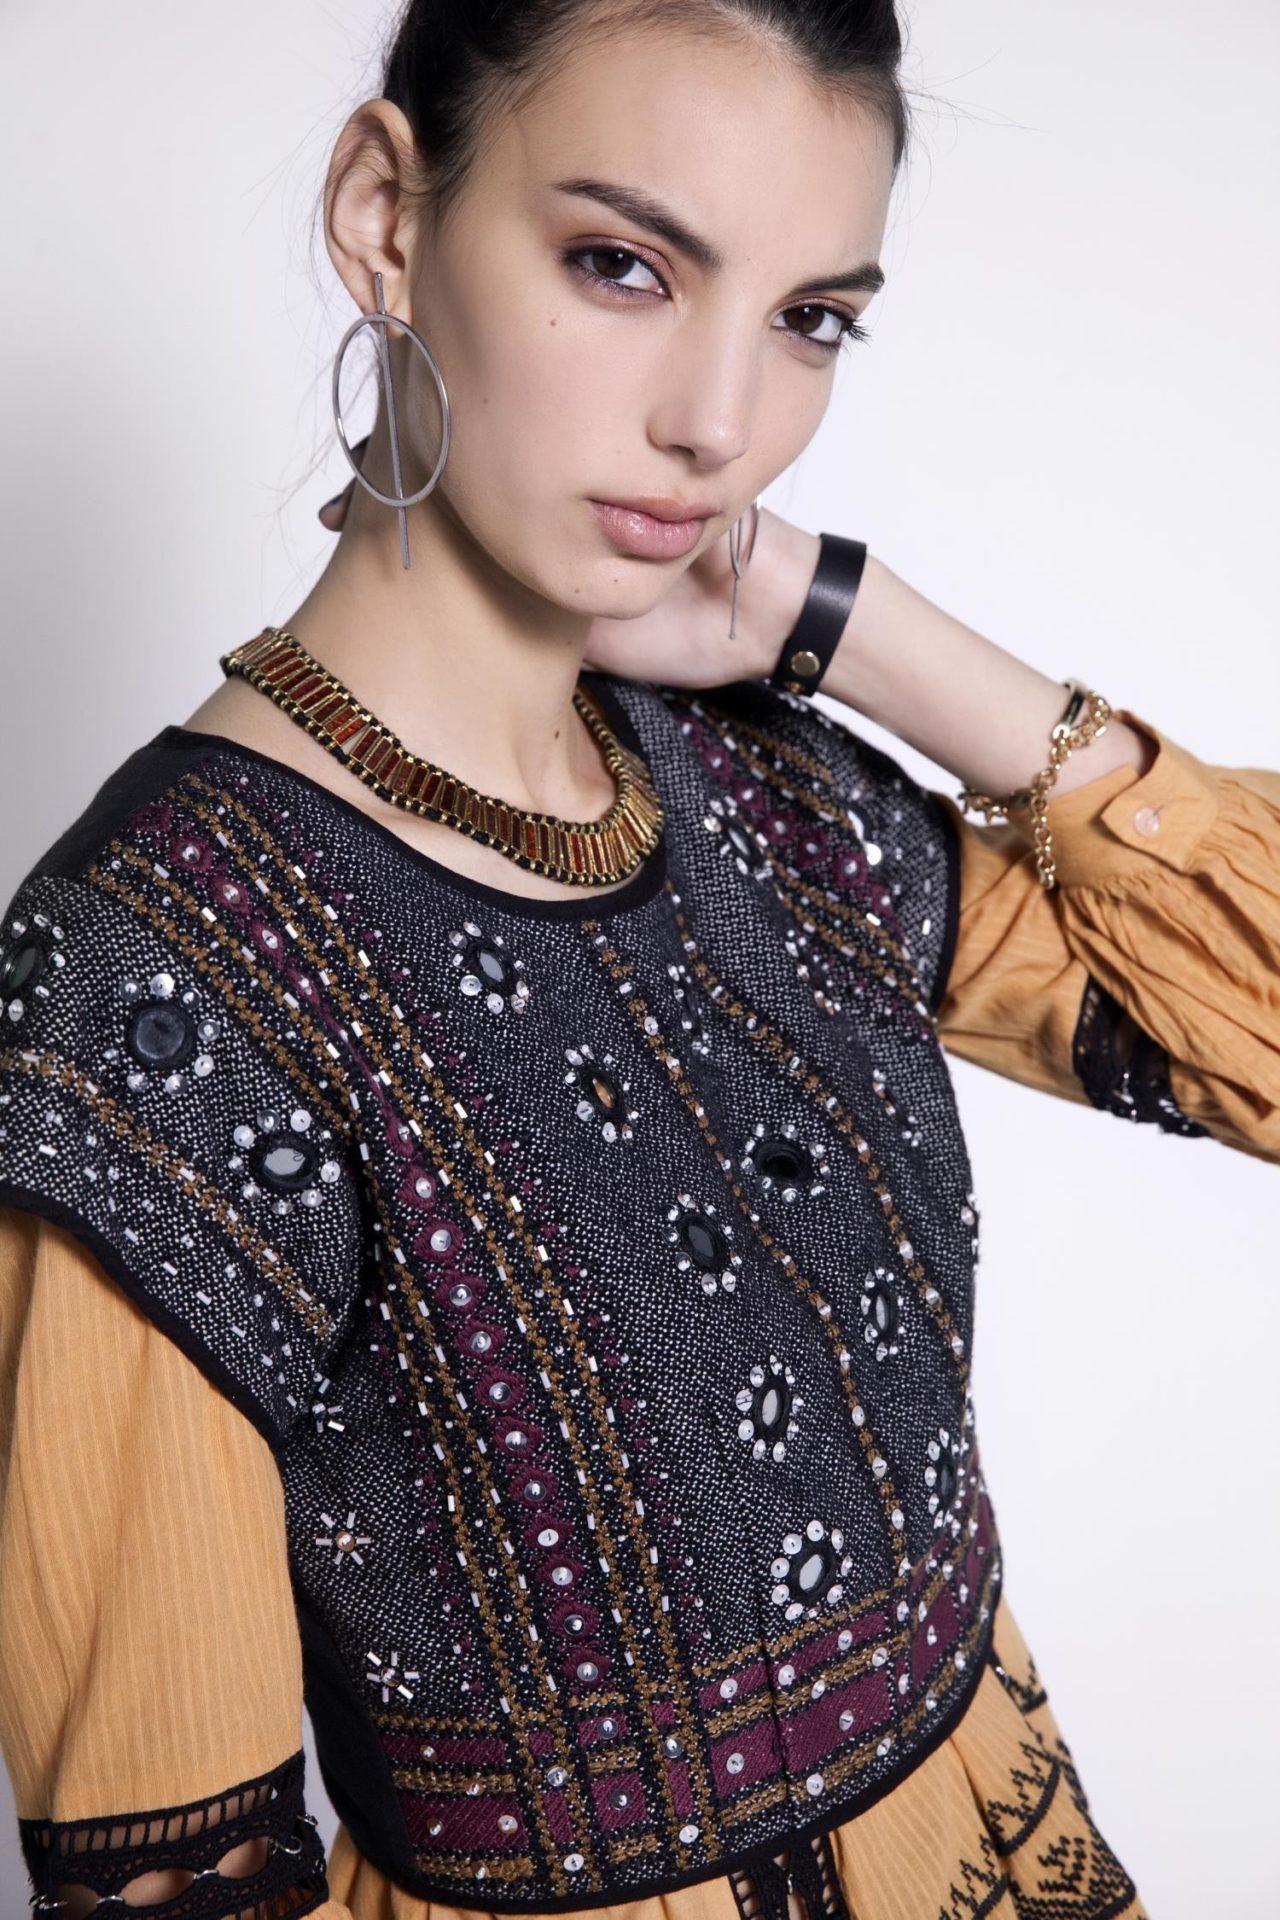 69db1db4cb034 Es por eso que te recomendamos las siete prendas que te ayudarán a  organizarte con tu ropa sin perder estilo y elegancia.